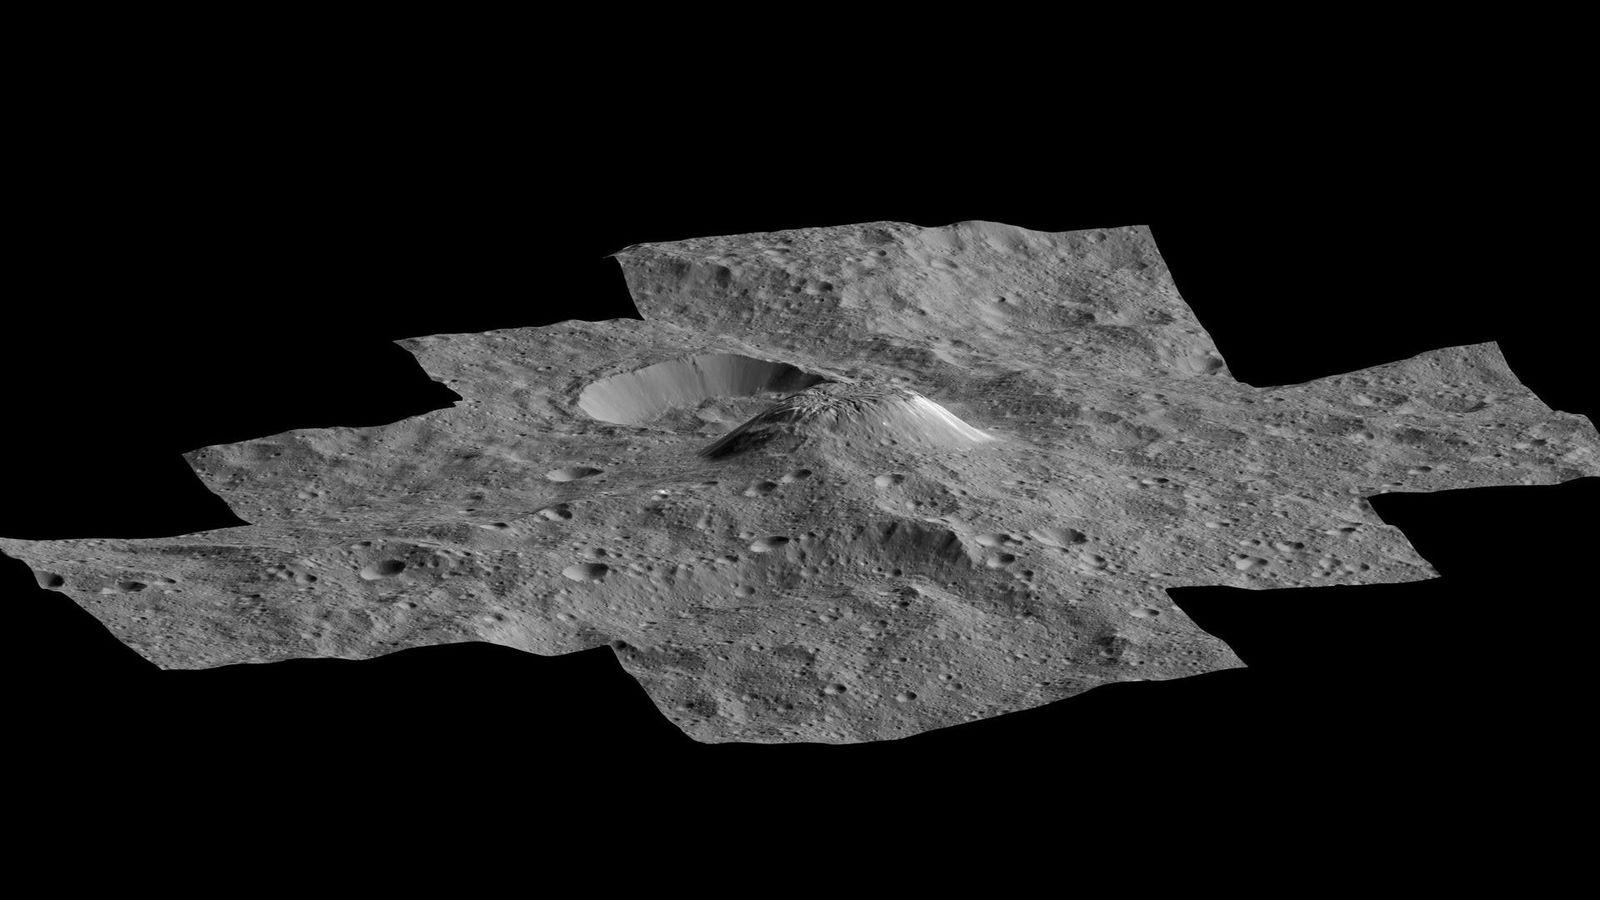 Der mysteriöse Kryovulkan Ahuna Mons erhebt sich über der Landschaft von Ceres. Das Bild wurde aus ...